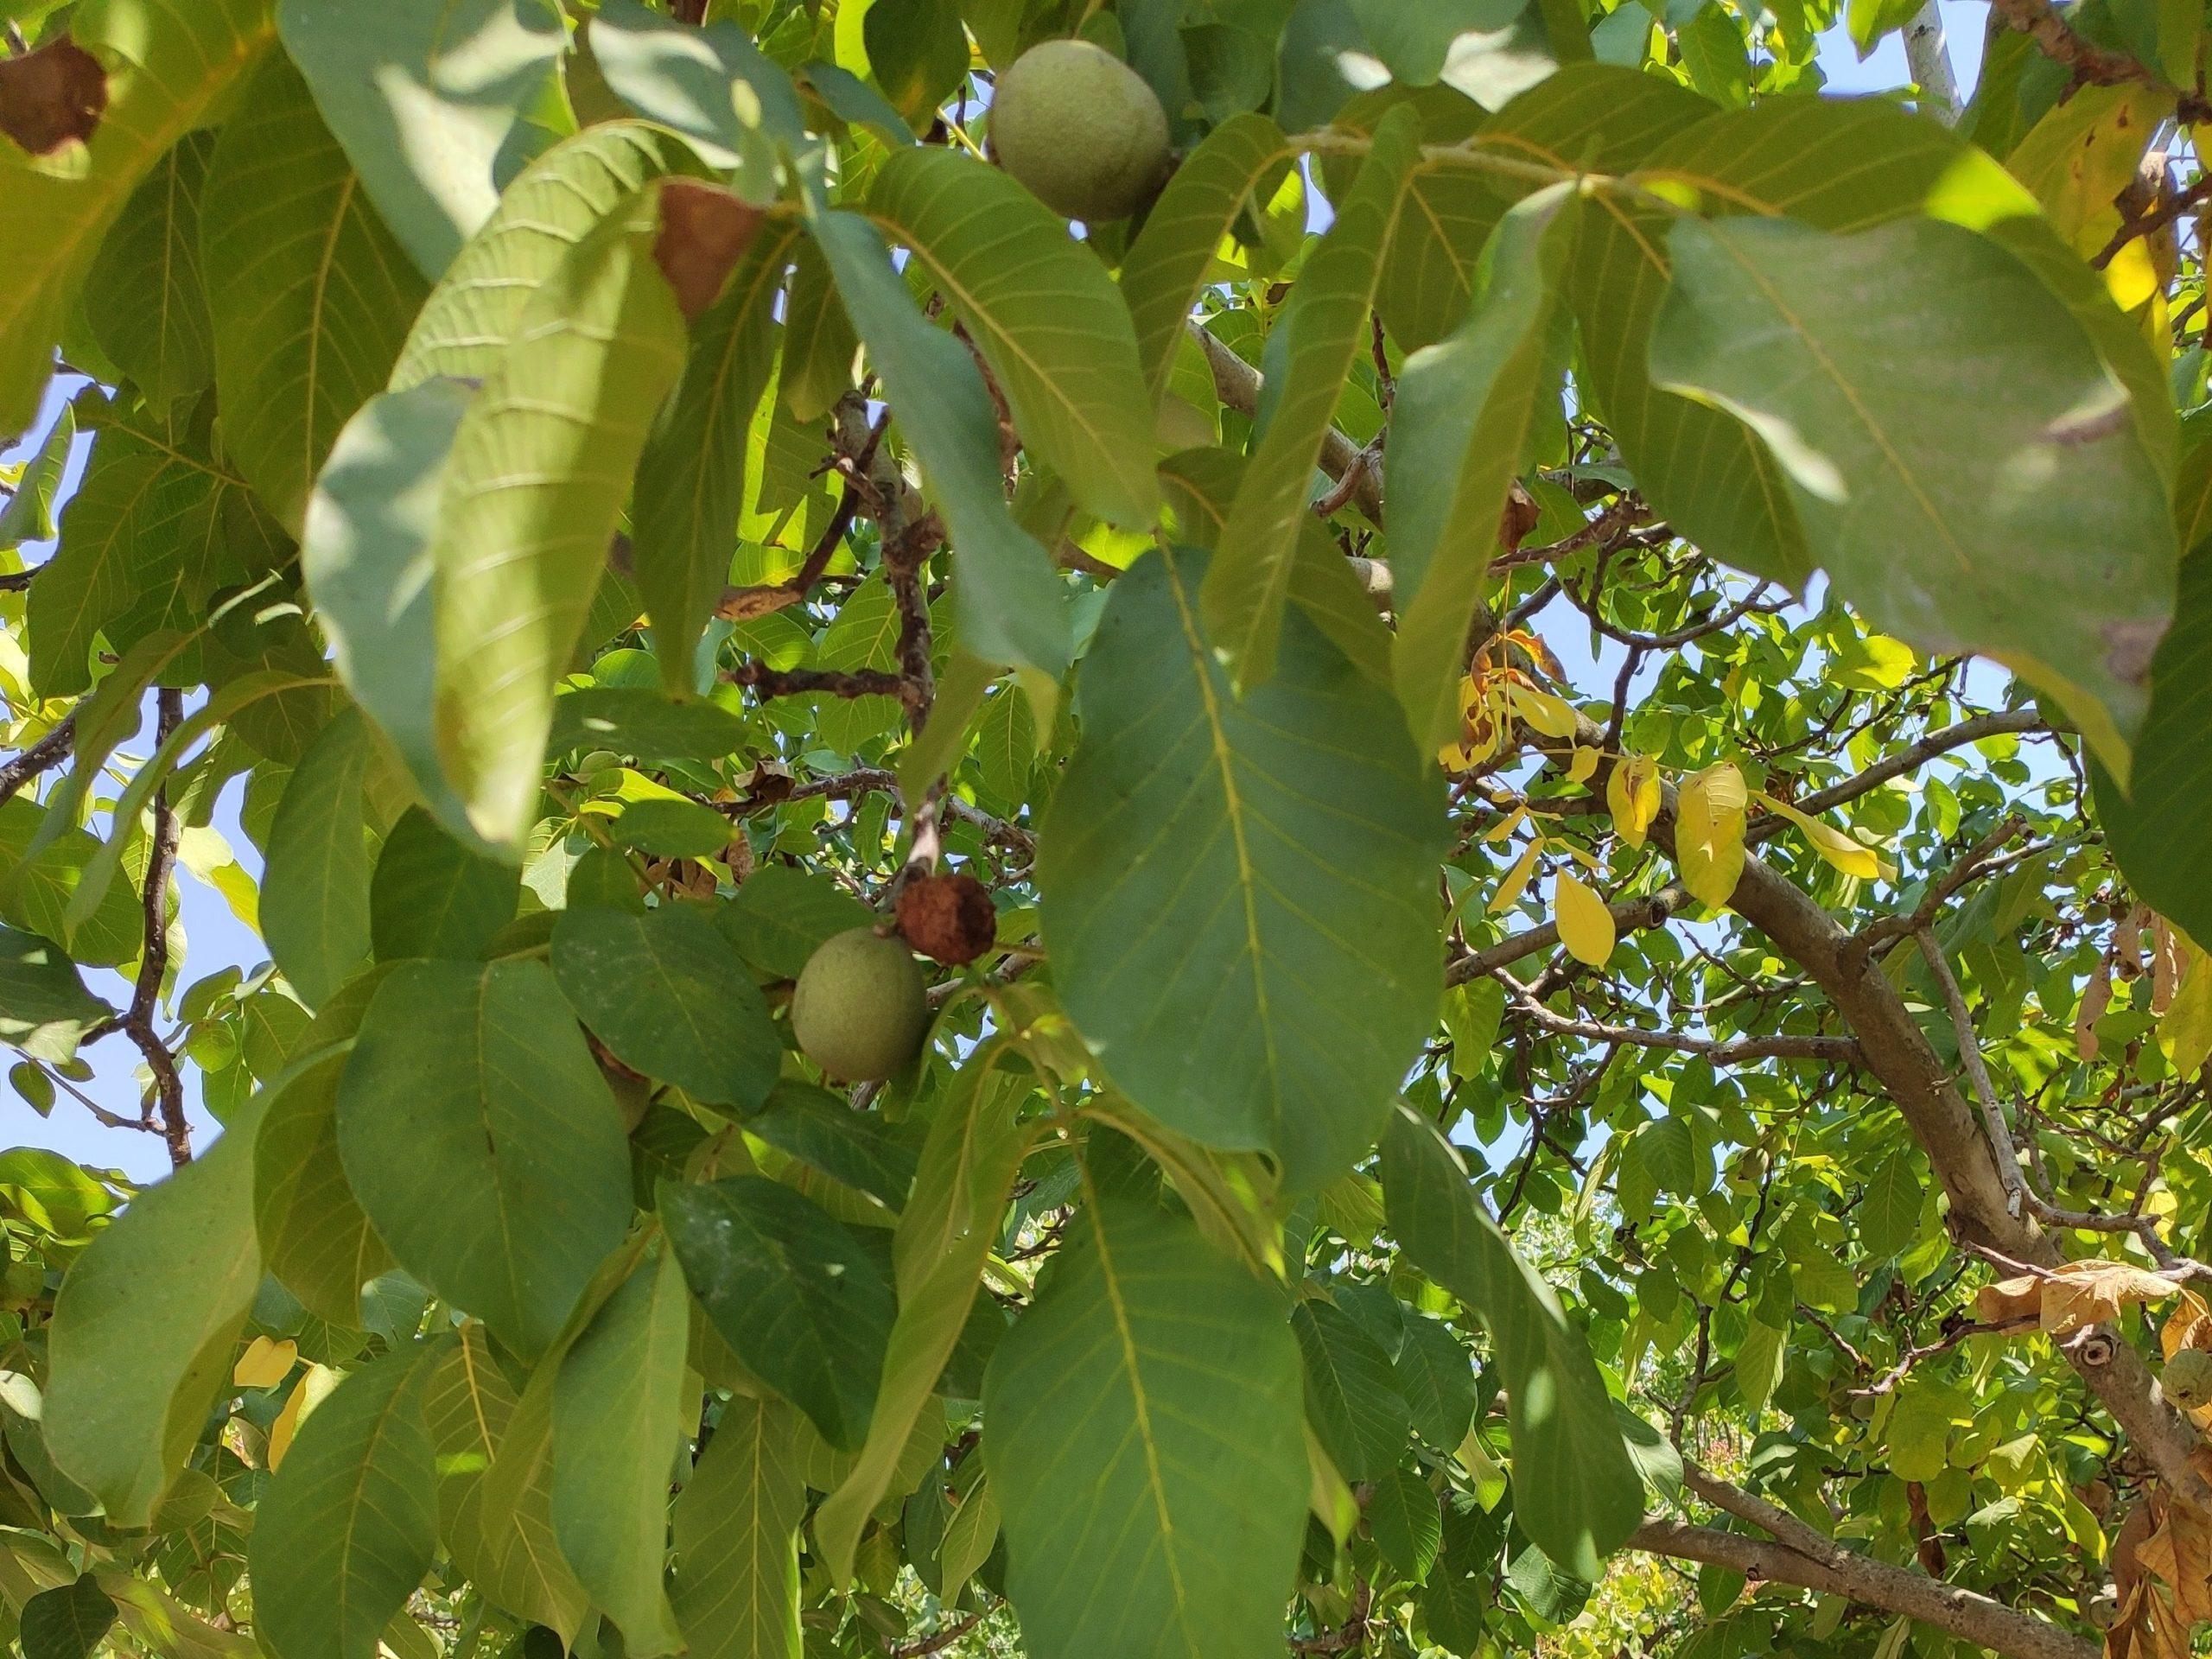 עצי אגוז מלך מסמנים את גבול מטע הפיסטוקים